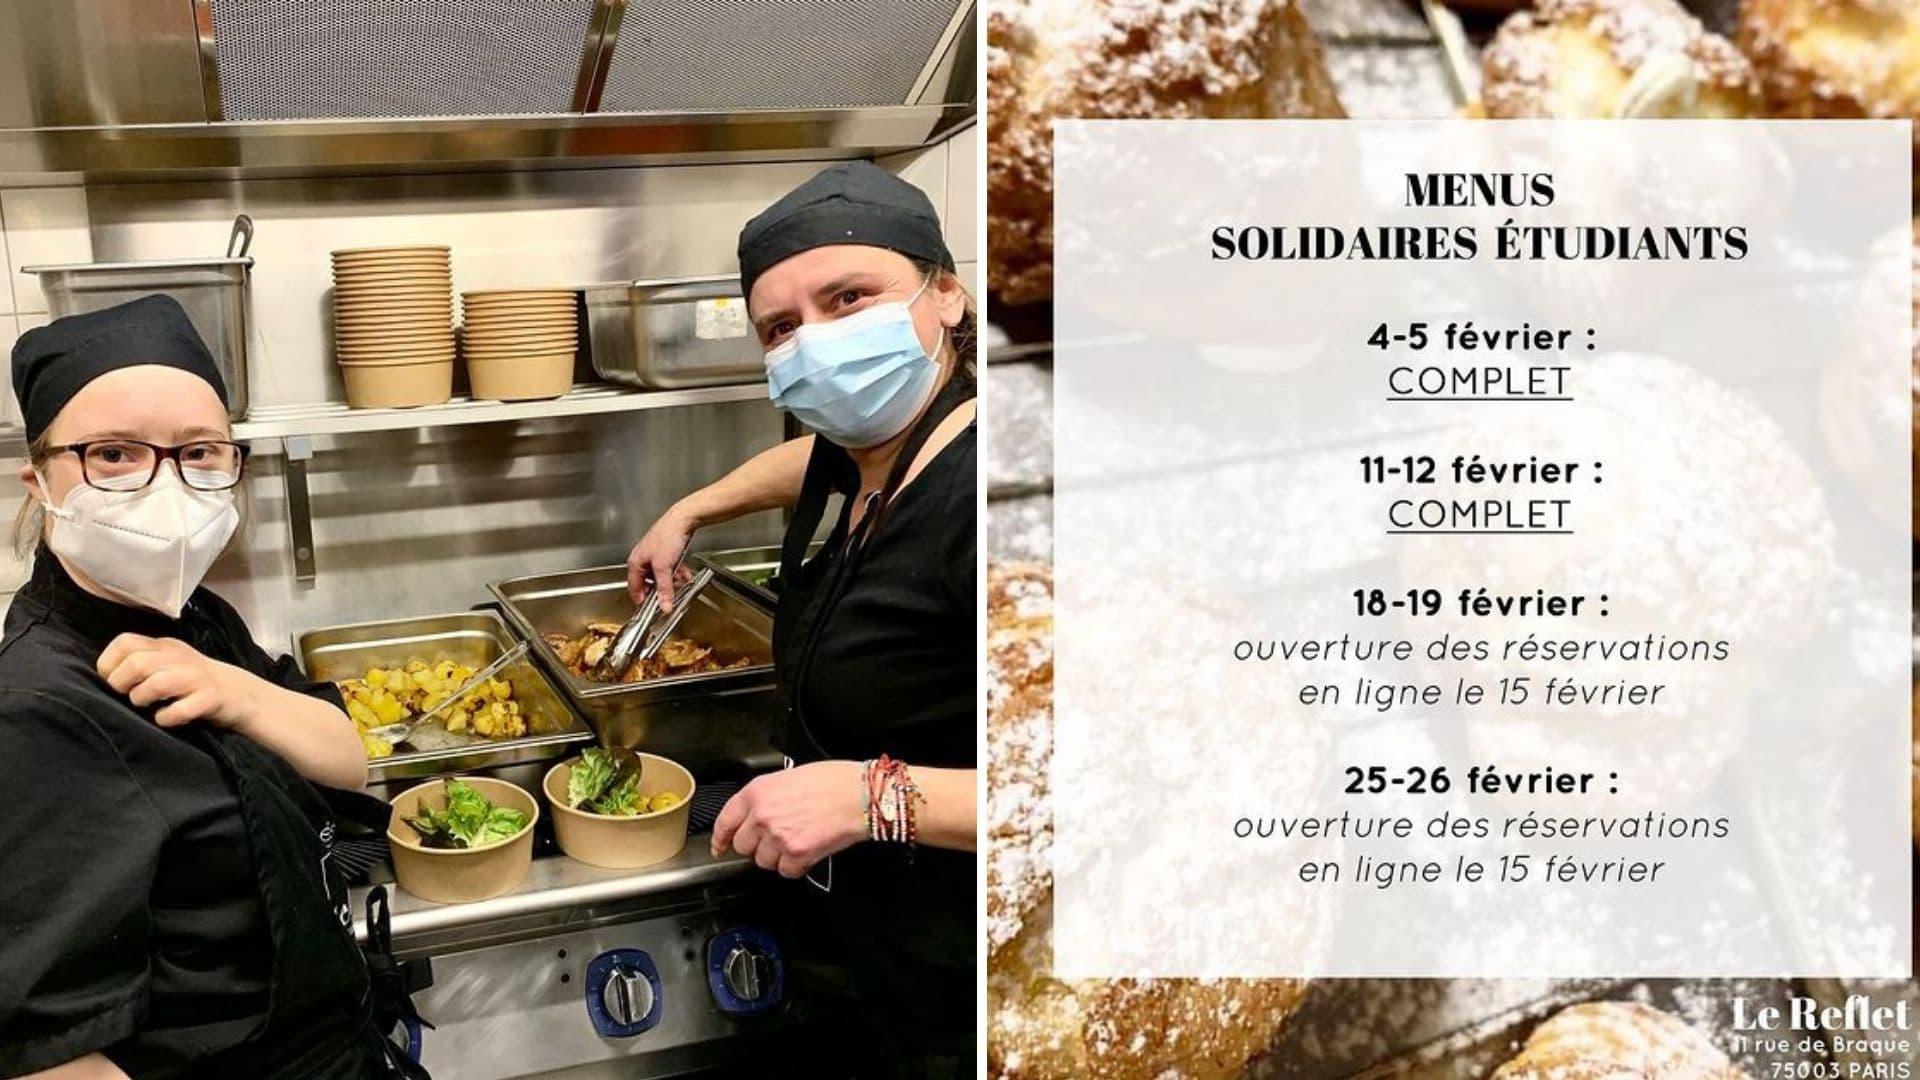 le reflet restaurant solidaire paris étudiant repas